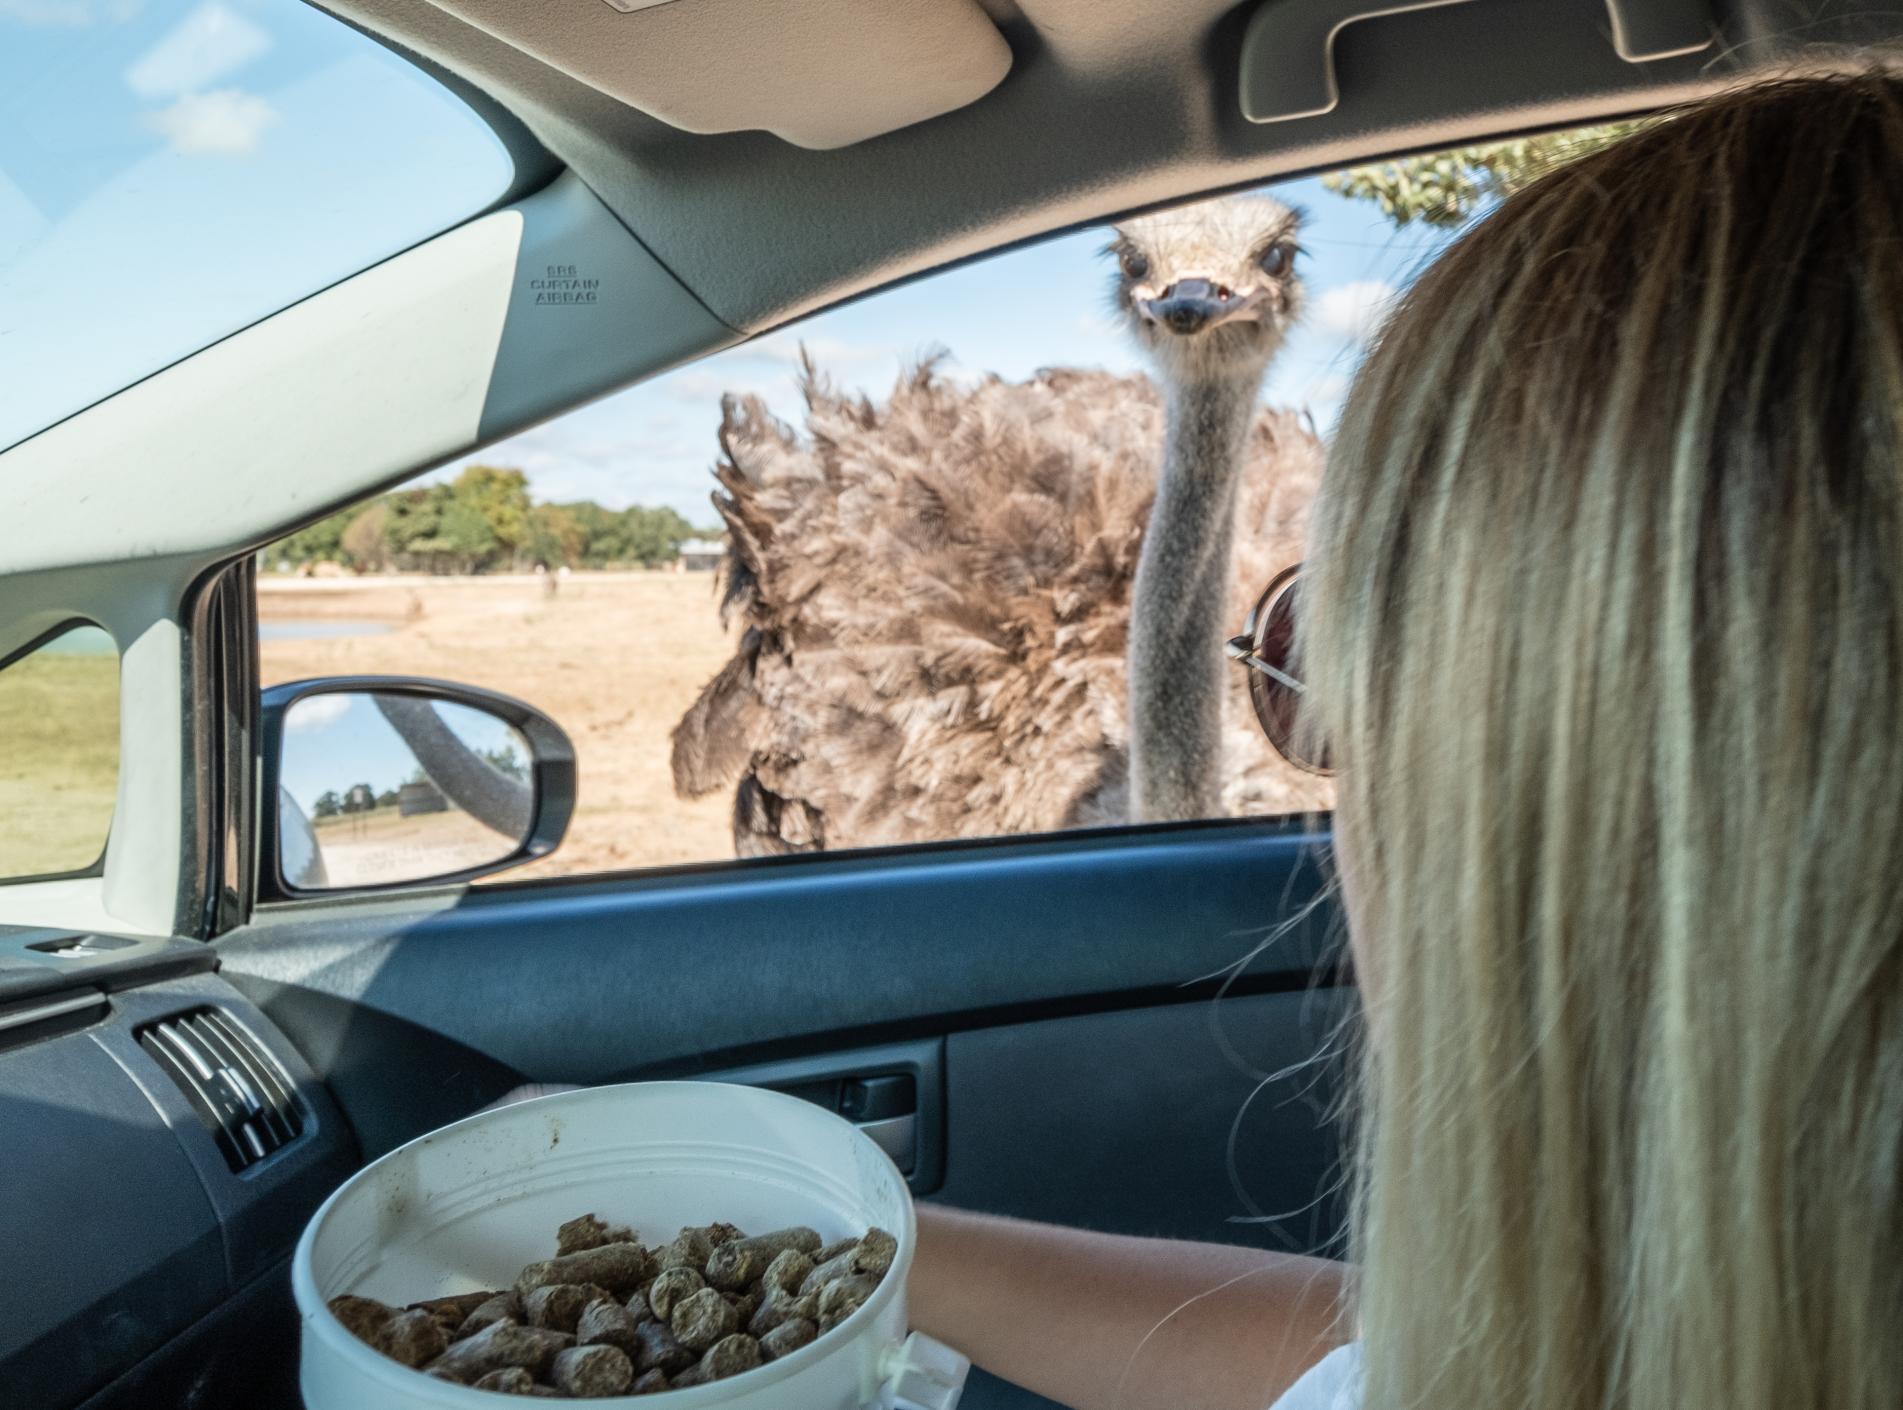 Aggieland Safari Drive-Thru Ostrich